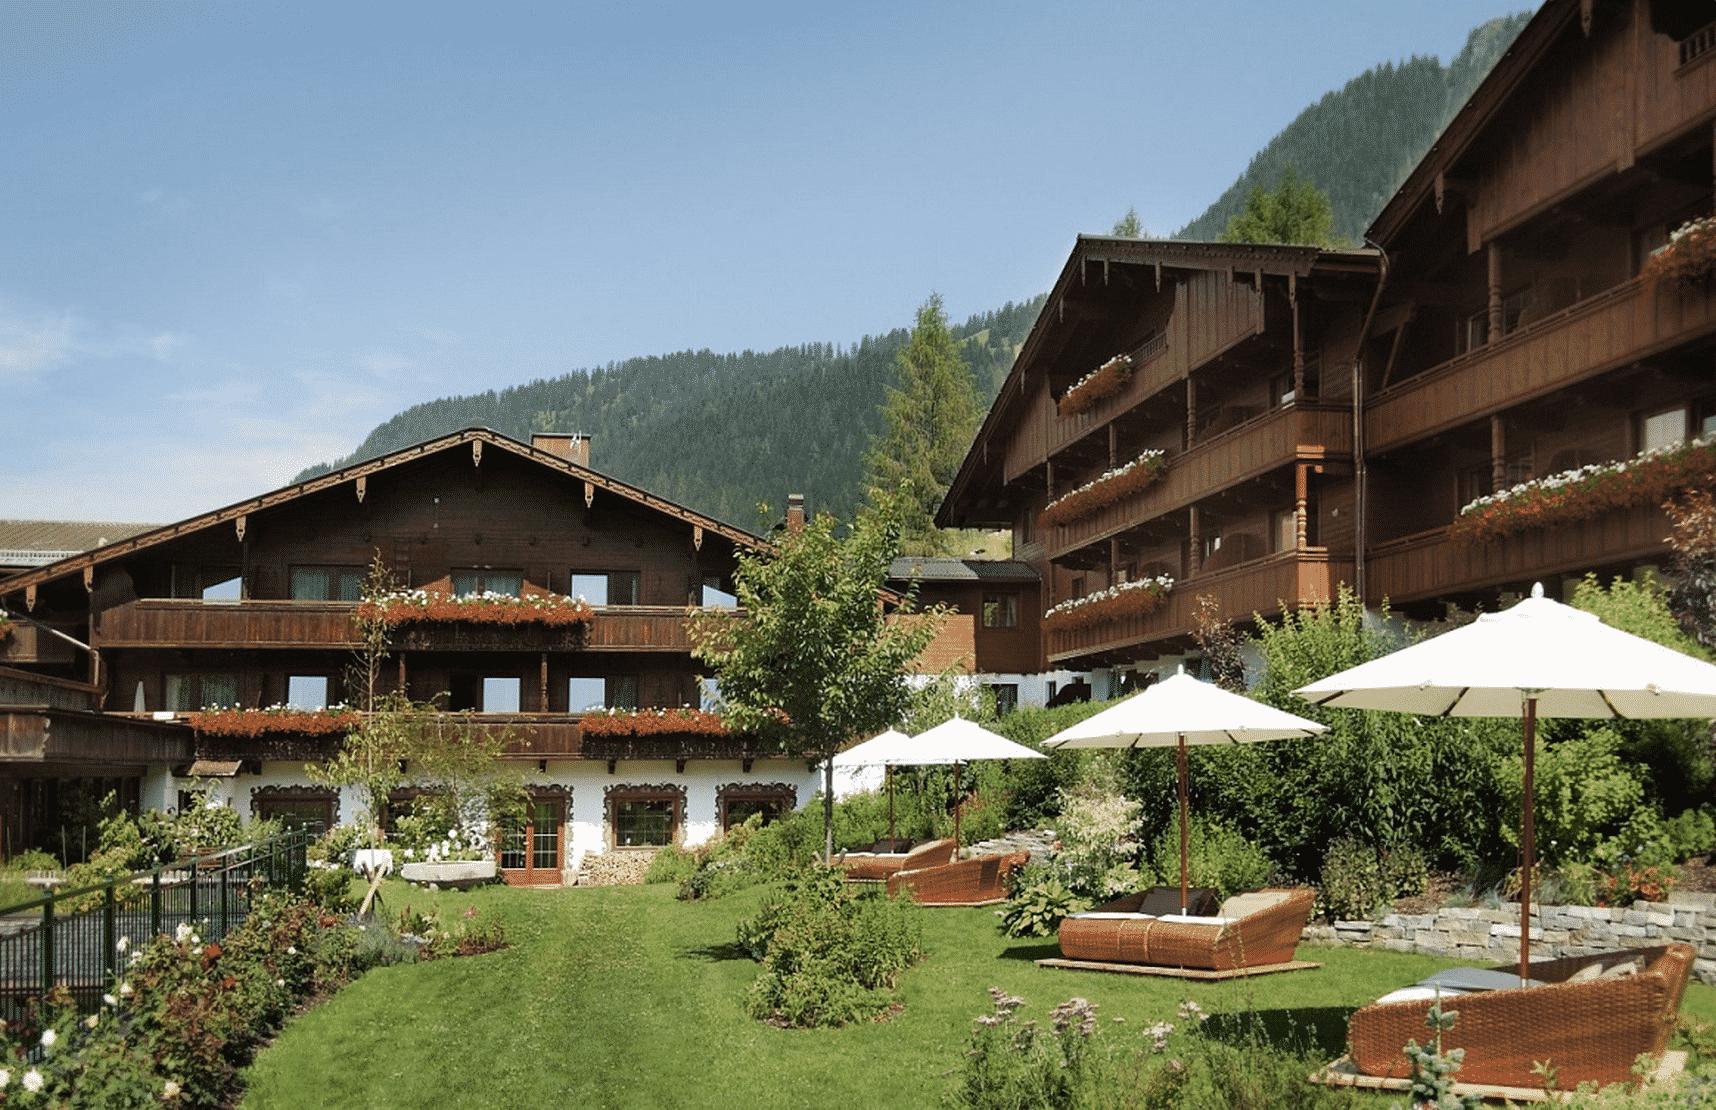 The Romantik Hotel Boeglerhof